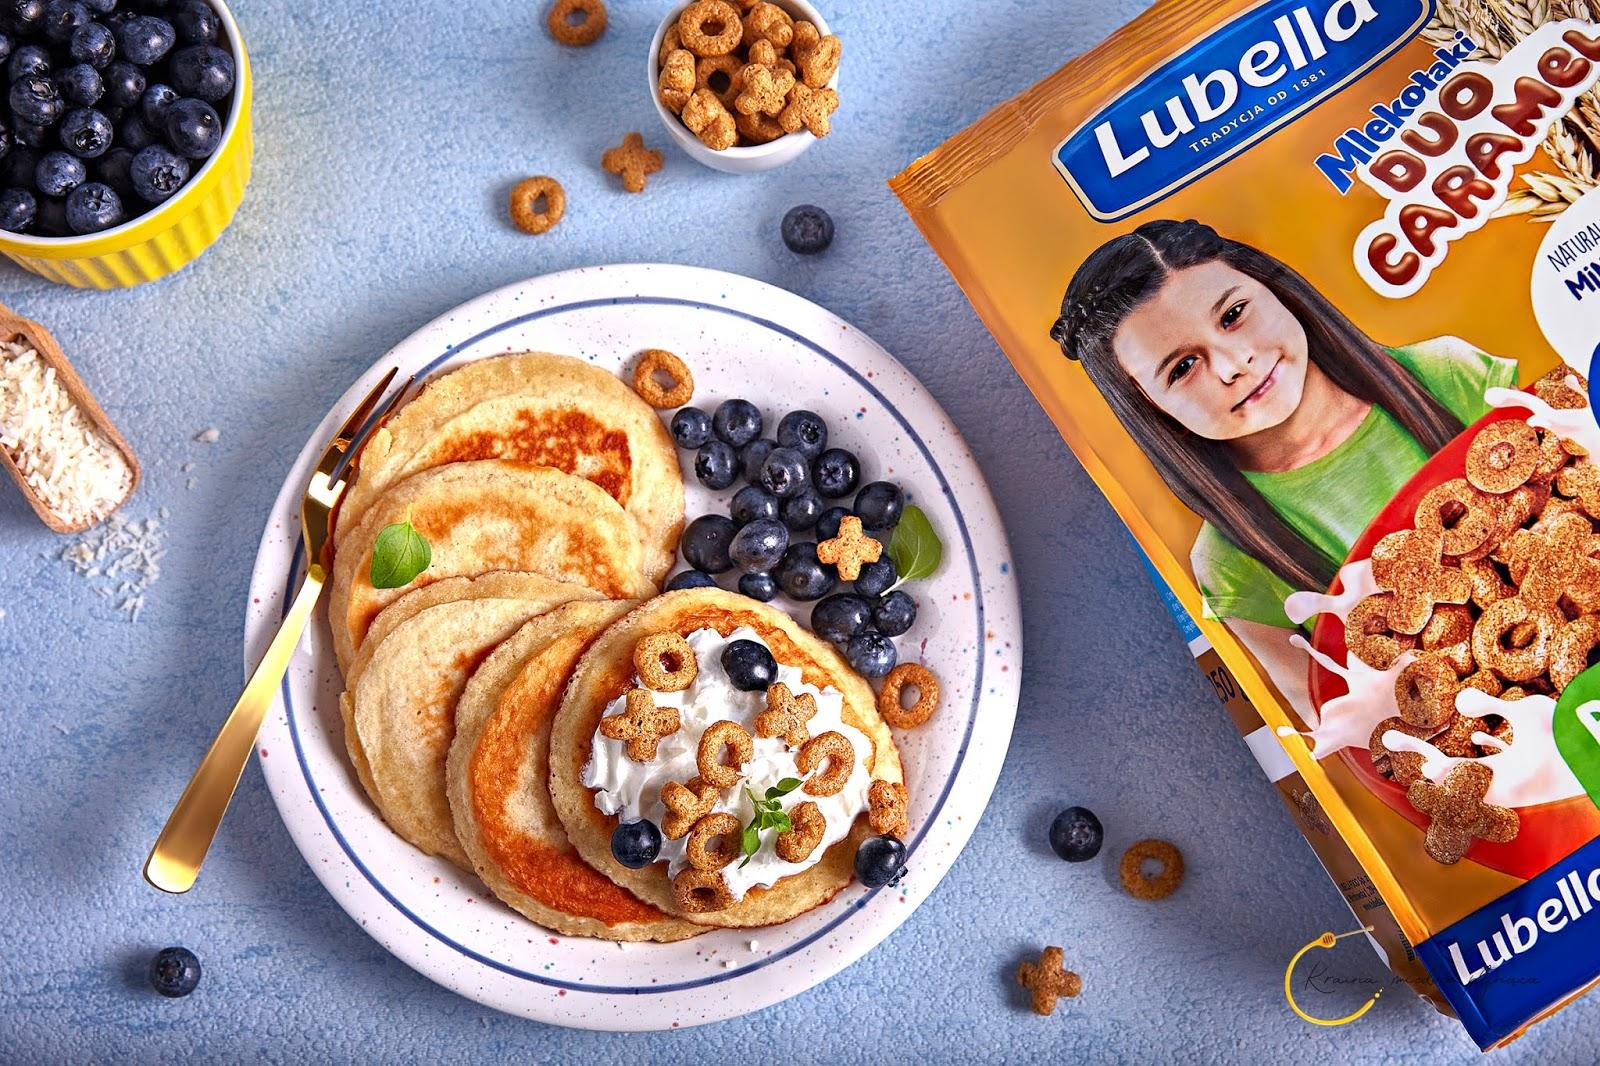 kraina miodem płynąca, płatki Lubella, płatki Duo Caramel, placki kokosowe, jogurt z owocami, fotografia kulinarna szczecin, fotograf kulinarny szczecin